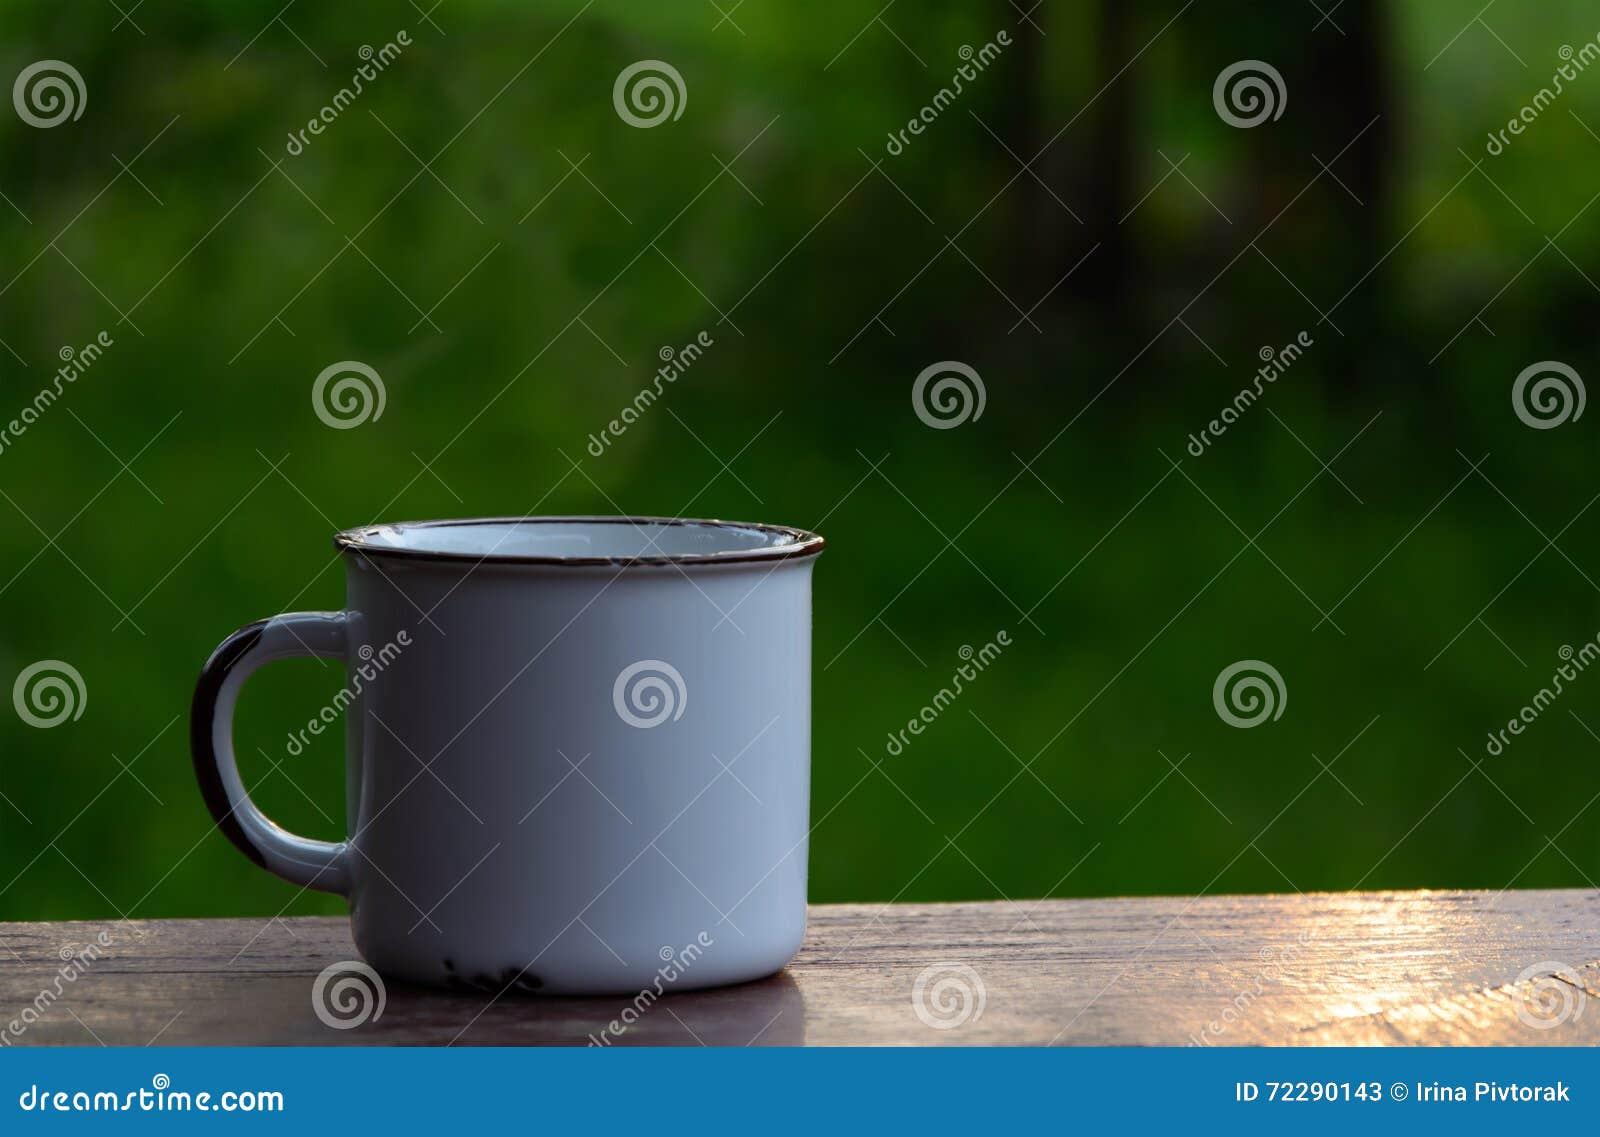 Download Белая чашка на таблице стоковое изображение. изображение насчитывающей официально - 72290143